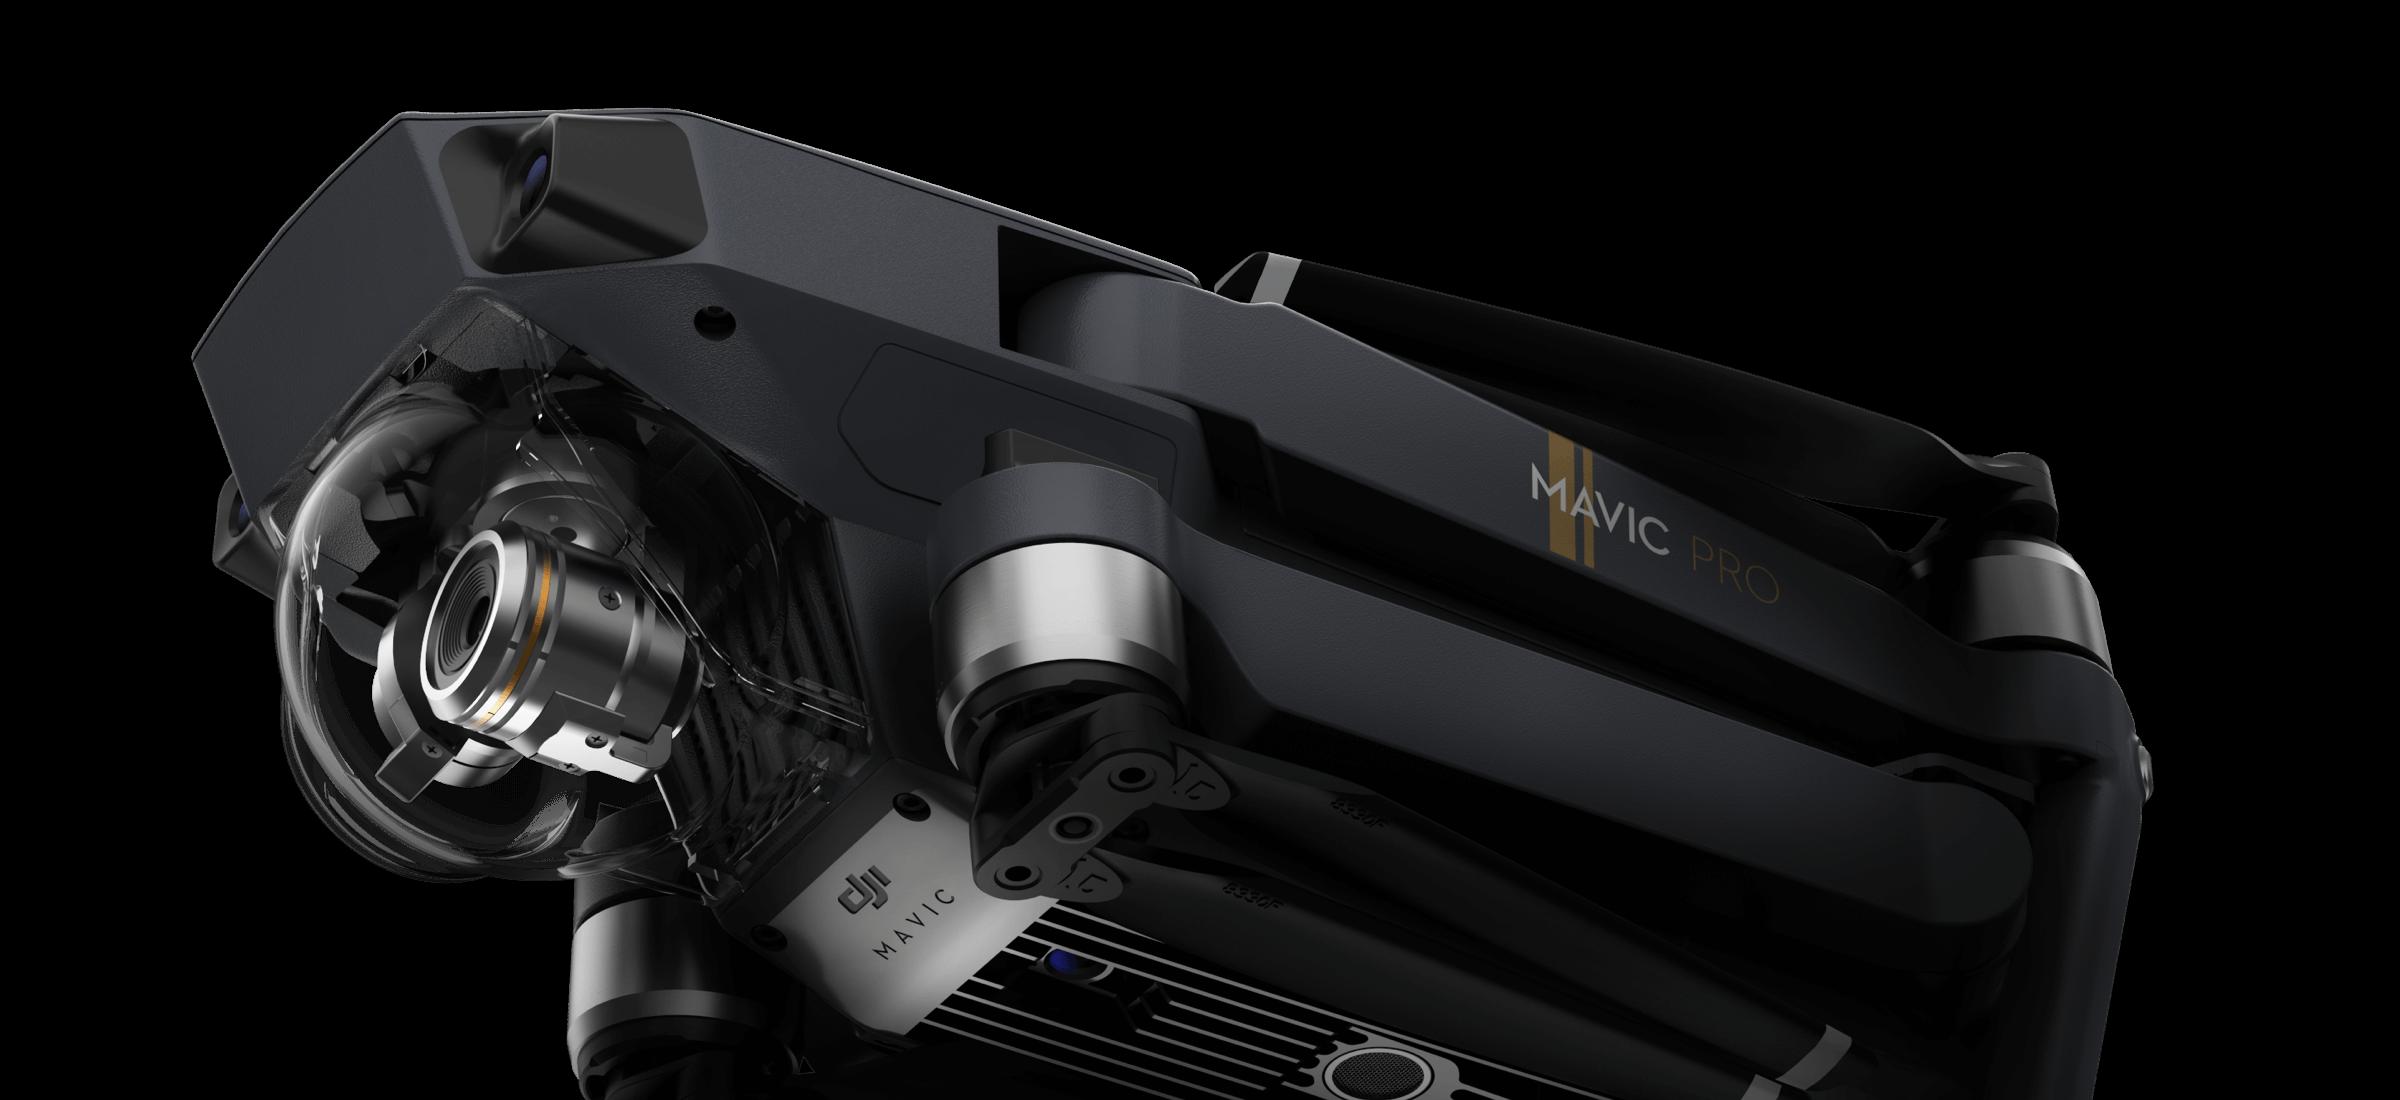 DJI ma potężną odpowiedź na drona GoPro Karma. Tak wygląda Mavic Pro